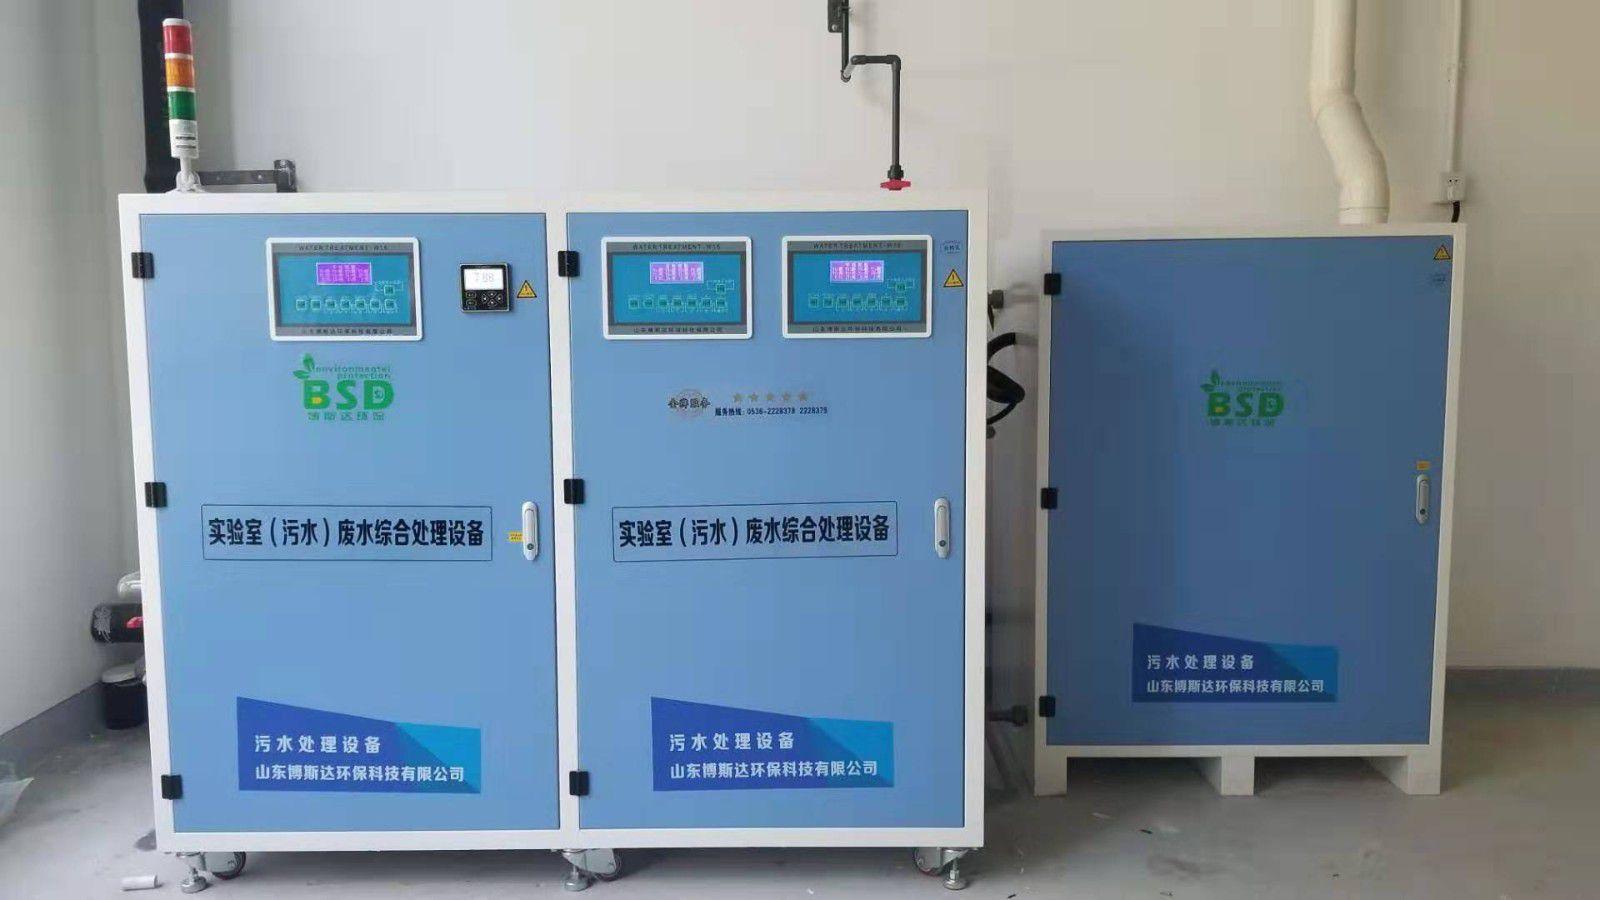 无锡南长区海关实验室废水处理设备浅谈的控制技术流程